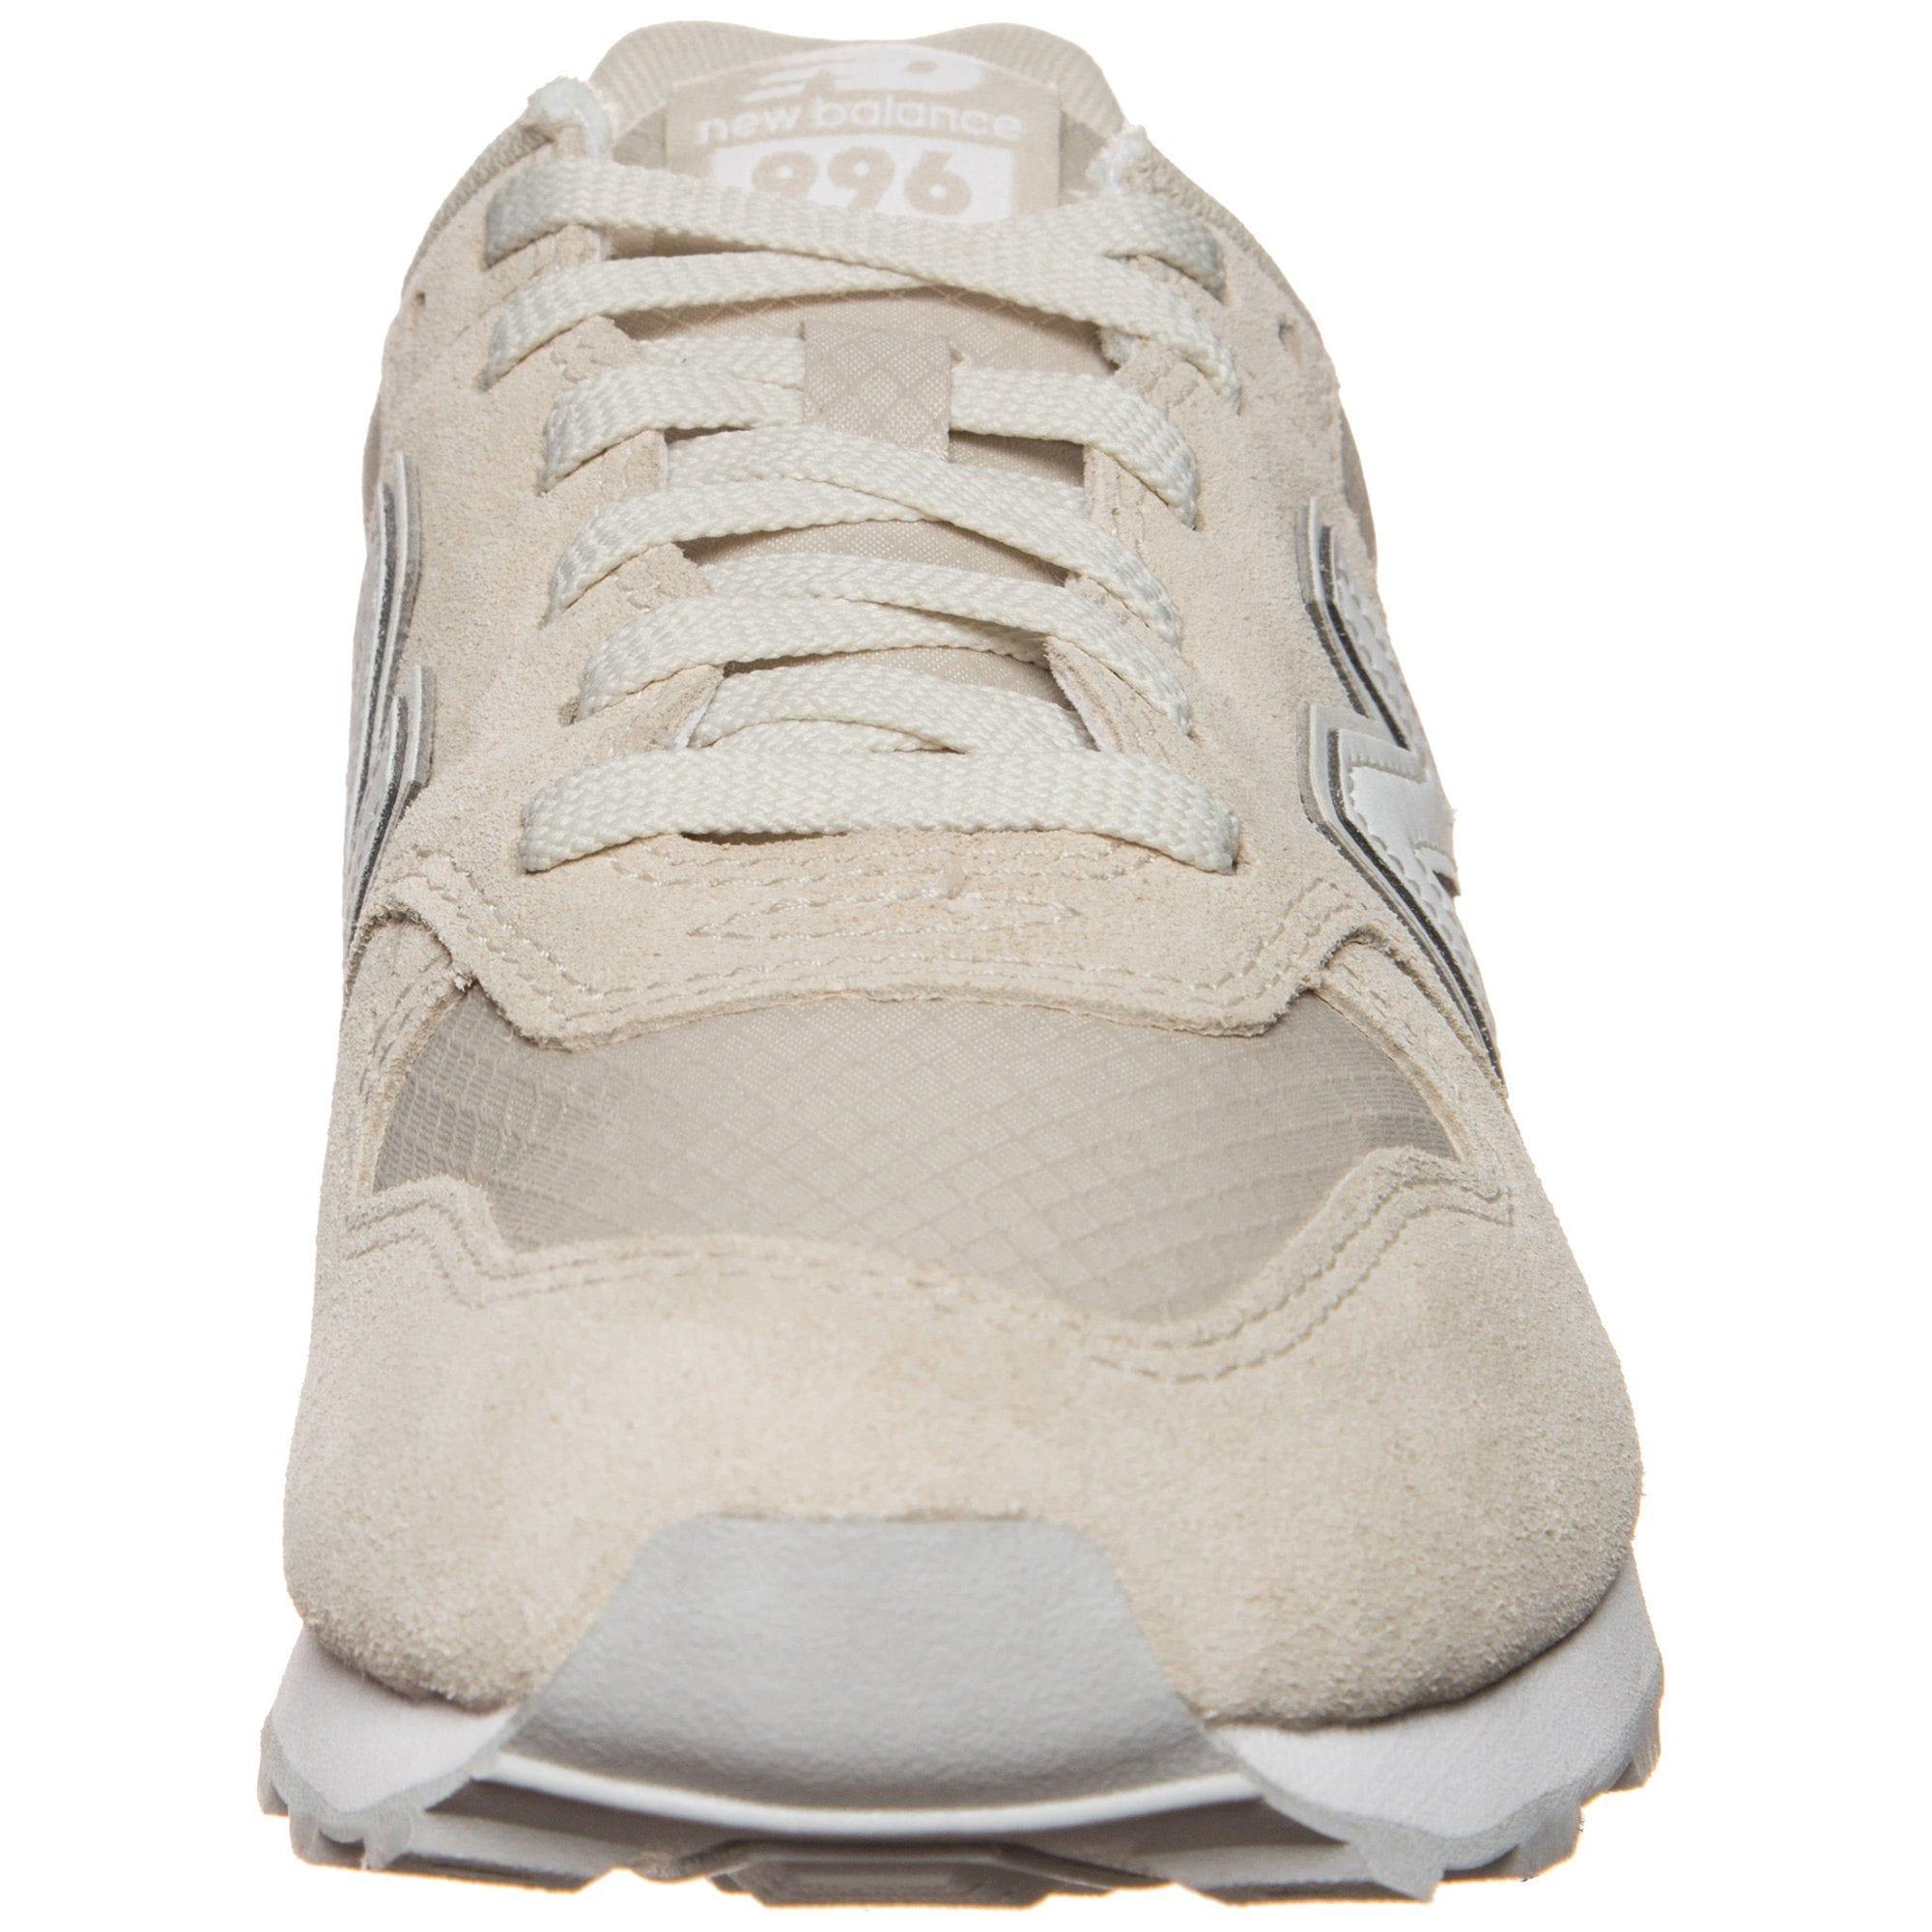 New Balance kaufen Sneaker Wr996-sr-d gnstig kaufen Balance   Gutes Preis-Leistungs-Verhältnis, es lohnt sich 26126b